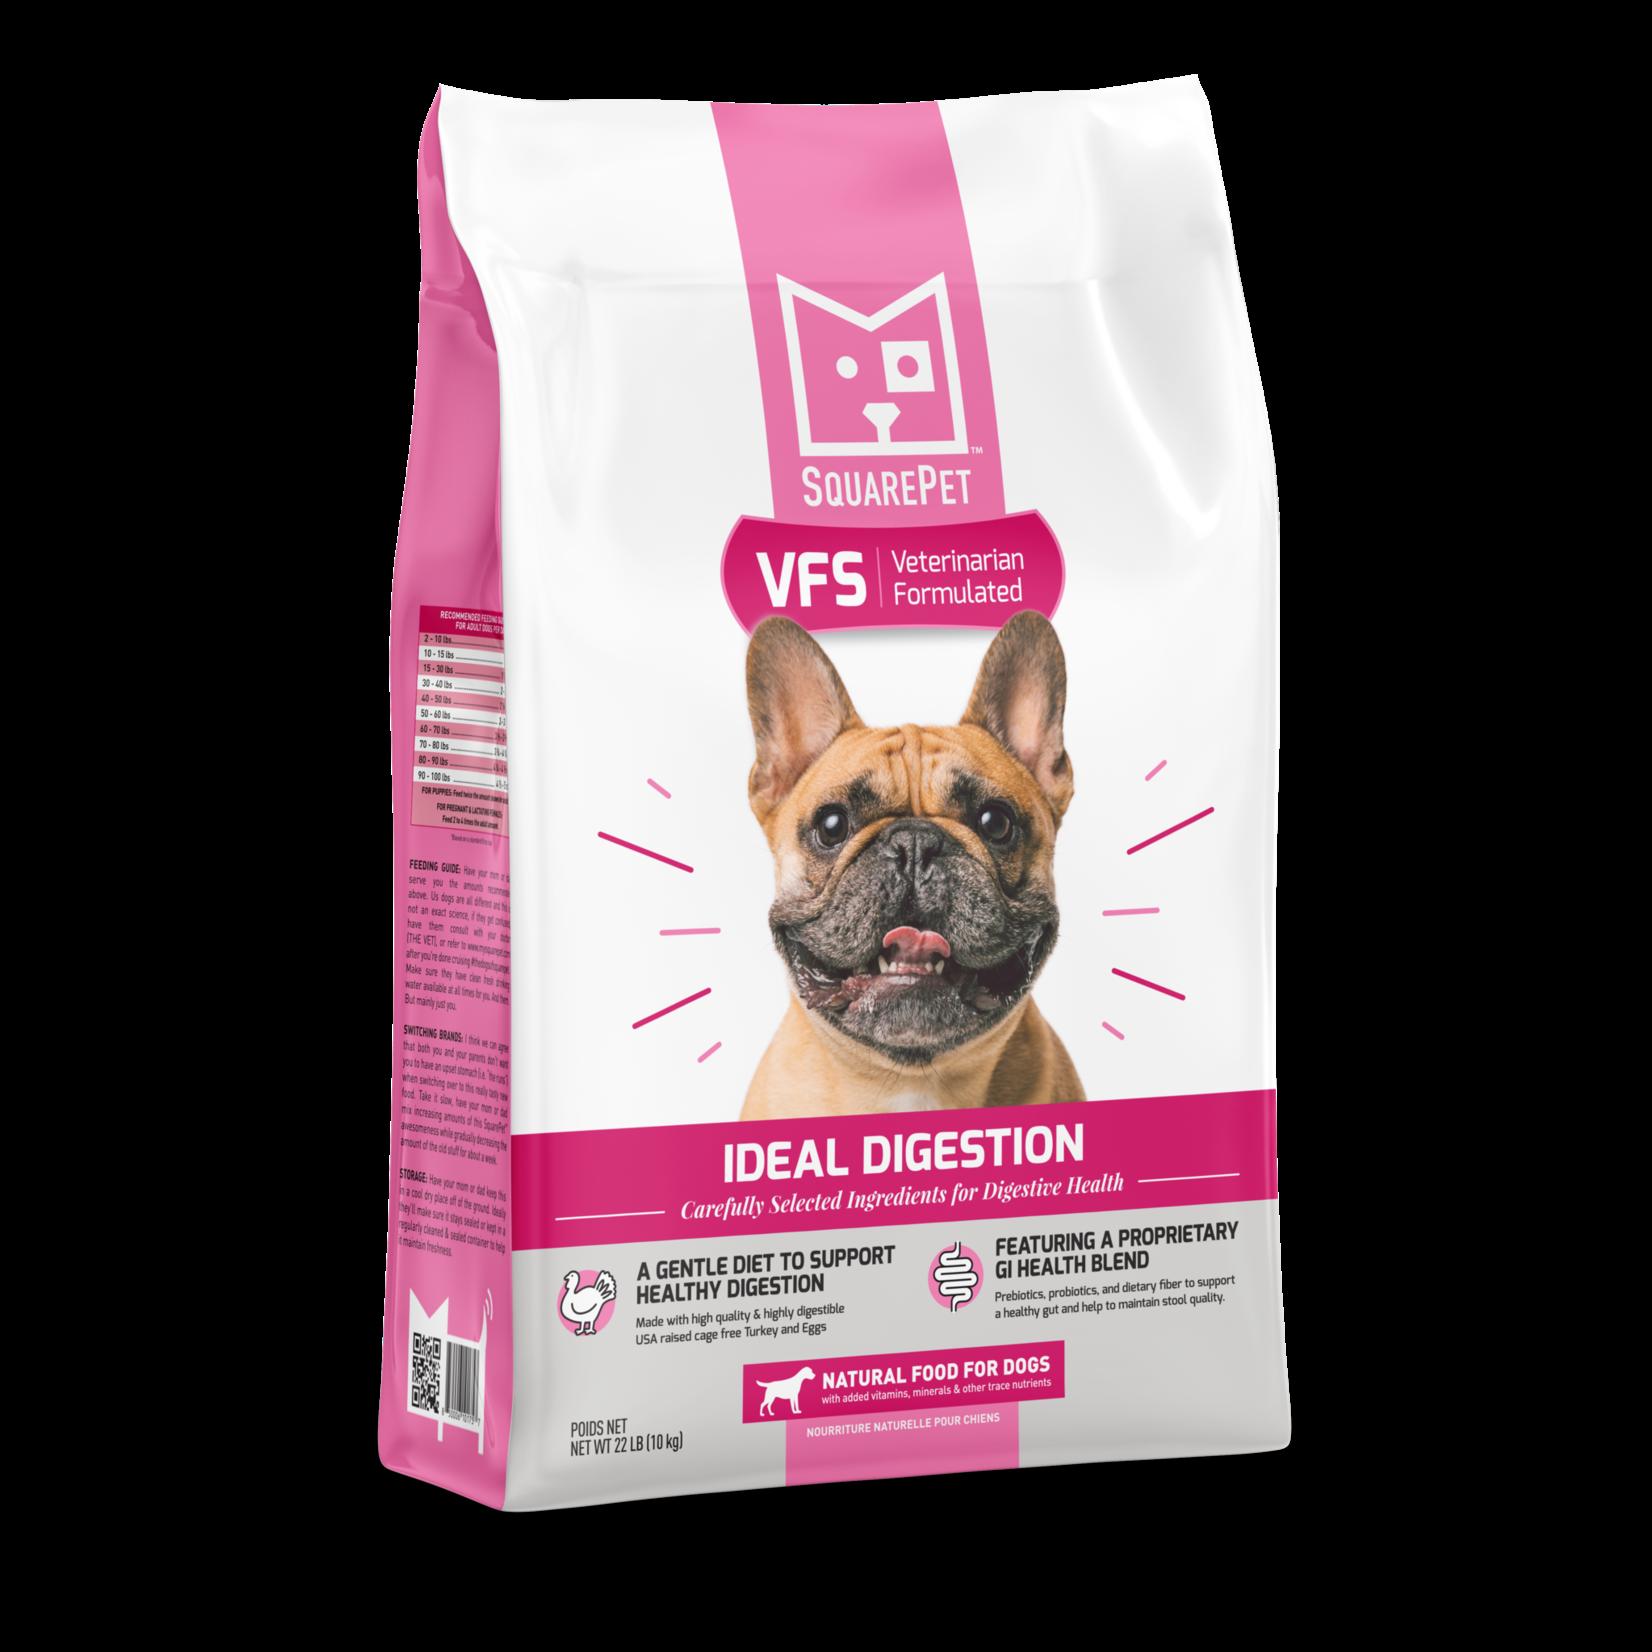 SquarePet SquarePet VFS Ideal Digestion Dog Food